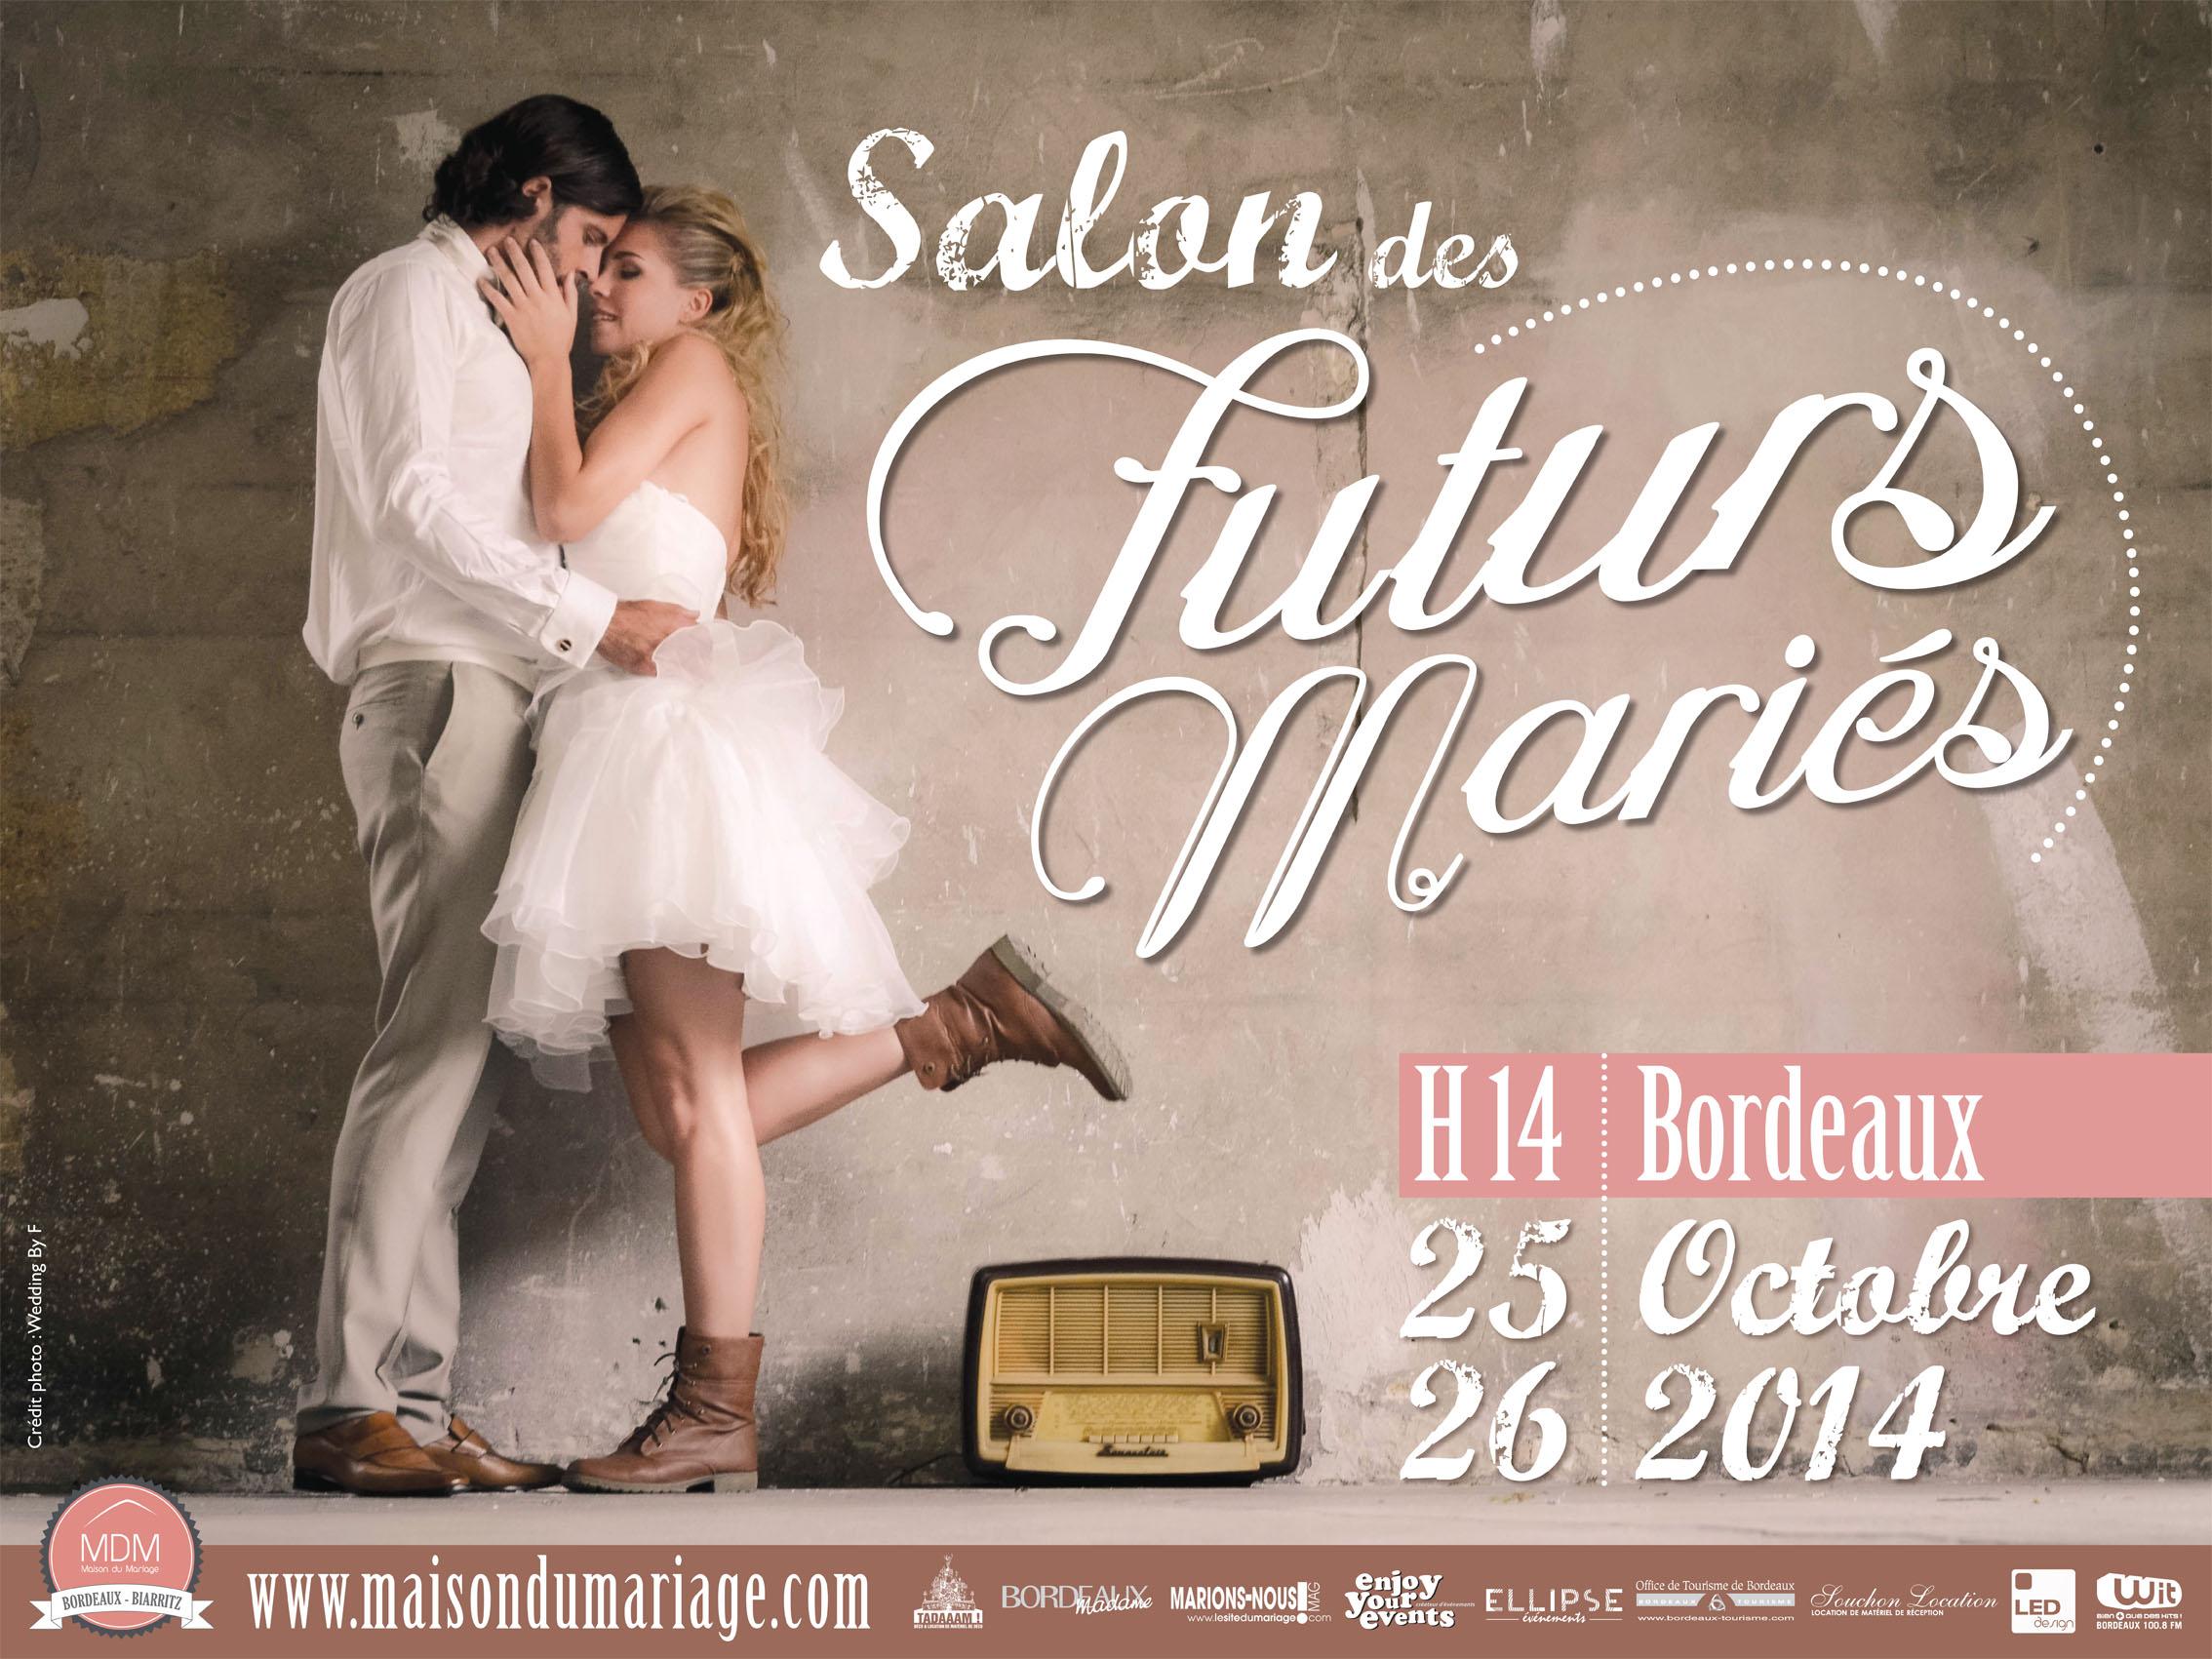 Laorida sera au Salon des Futurs Mariés le 25 & 26 octobre !